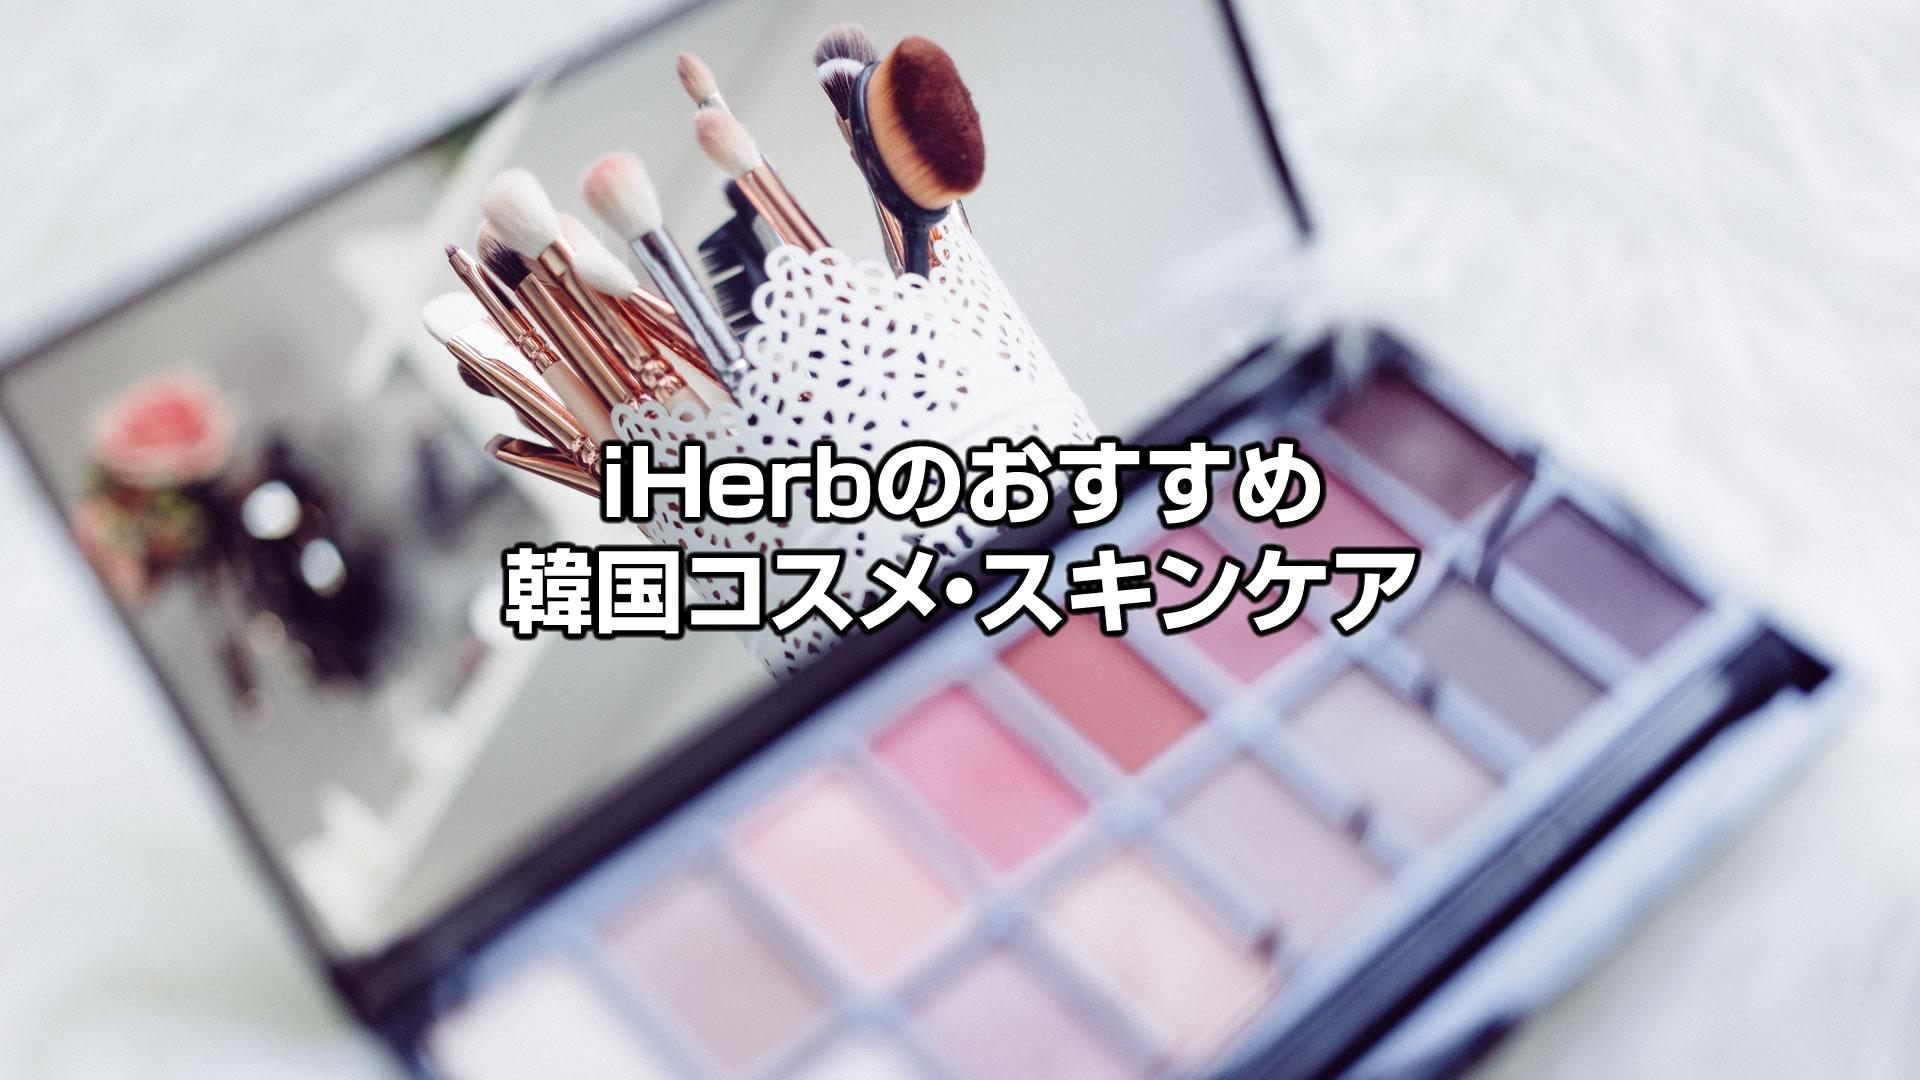 アイハーブ(iHerb)で売っている韓国コスメ・スキンケアのおすすめ[Korean Beauty]